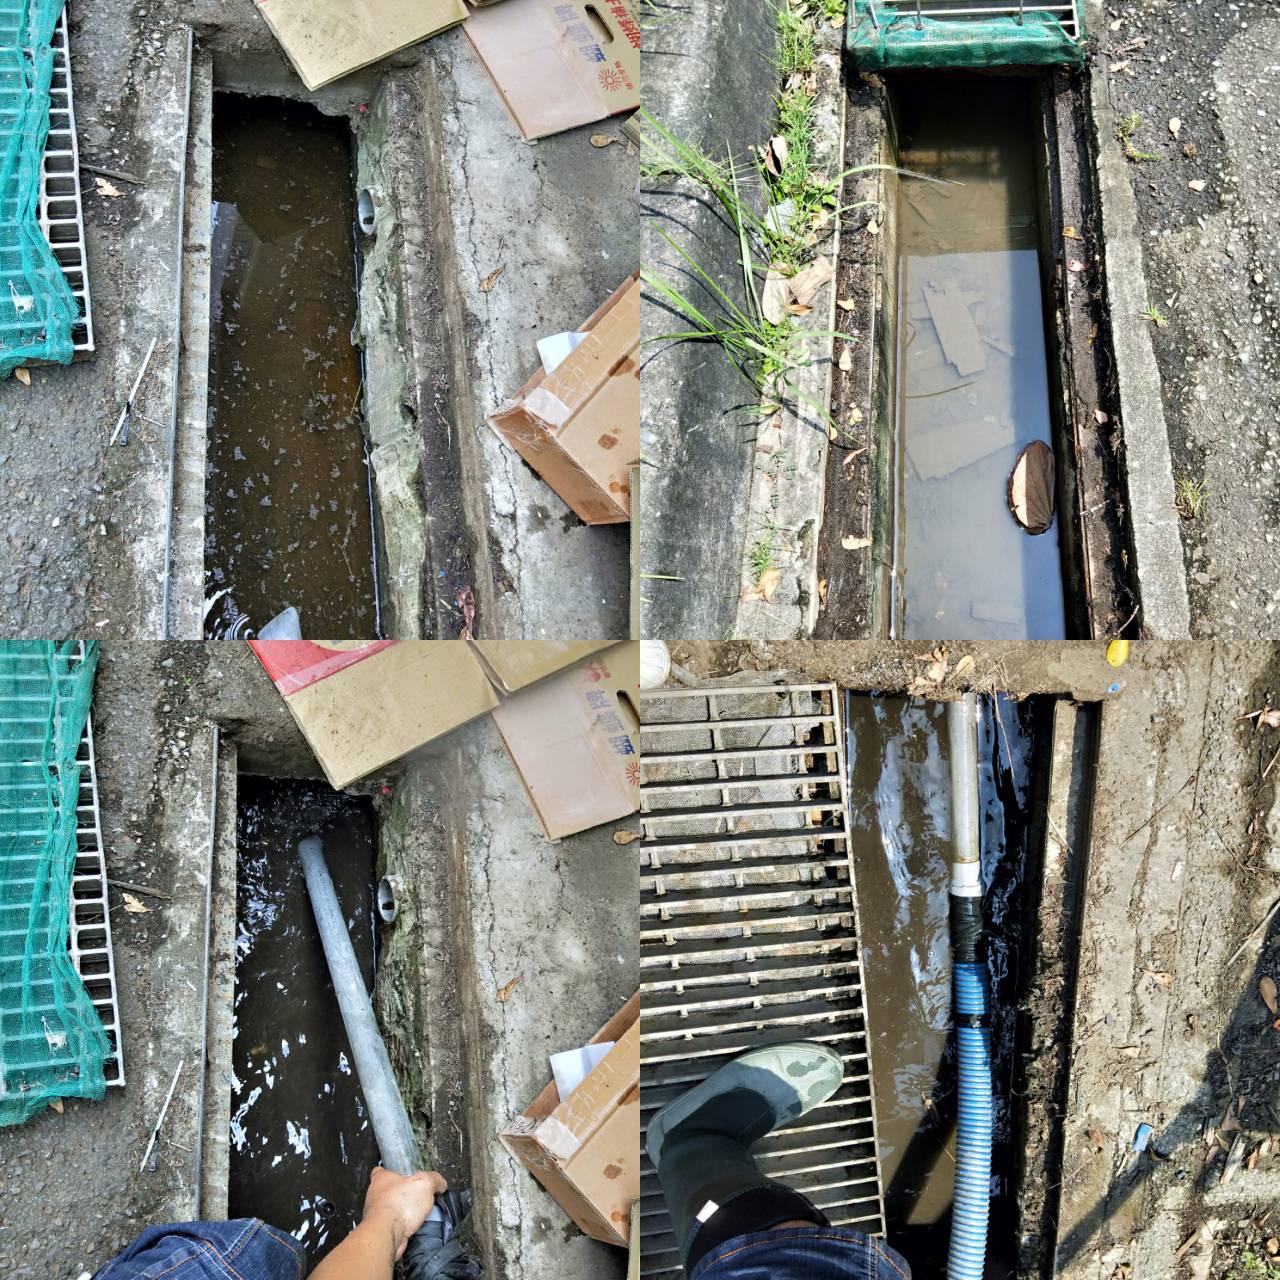 南科公司周圍水溝清洗疏通